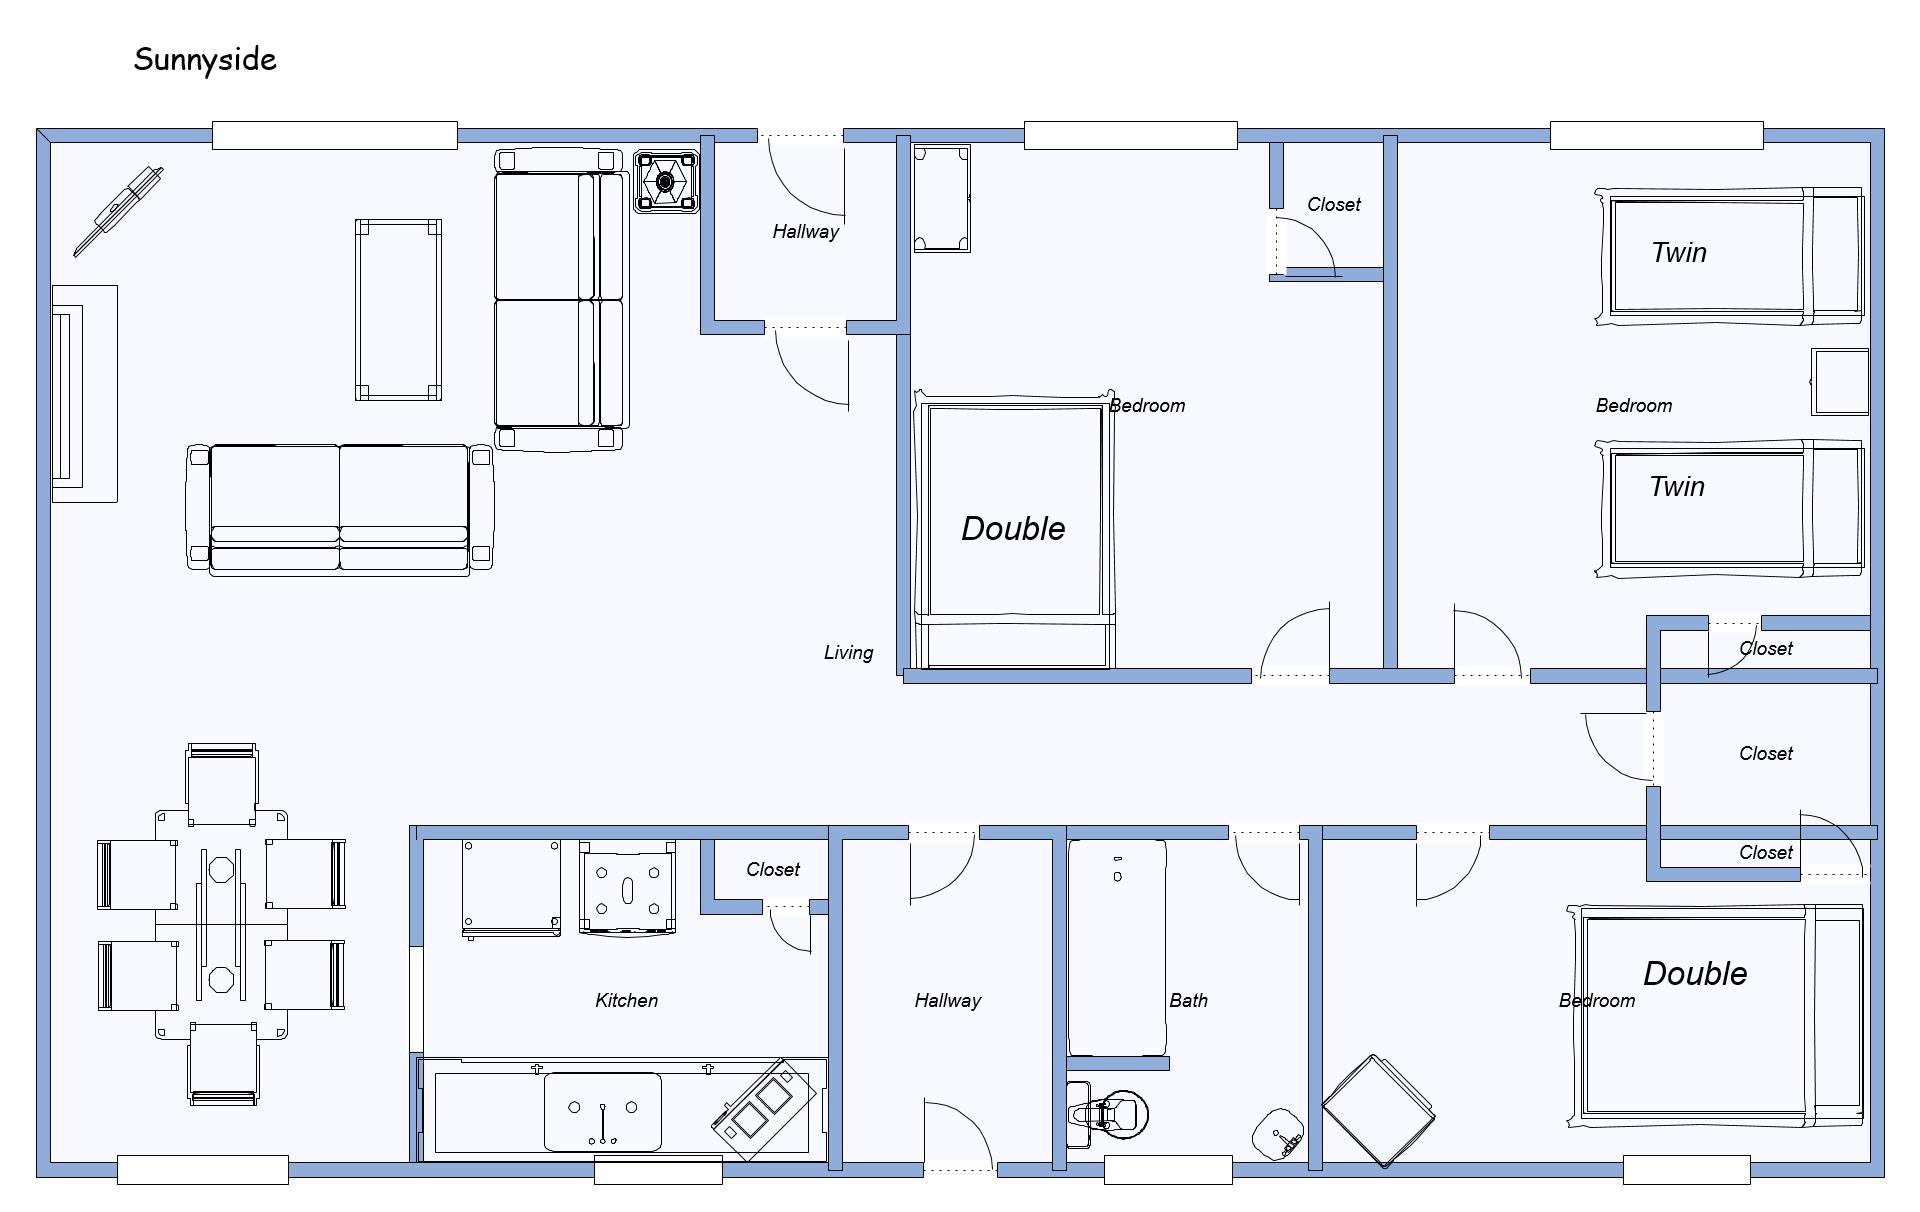 layout of Sunnyside 14